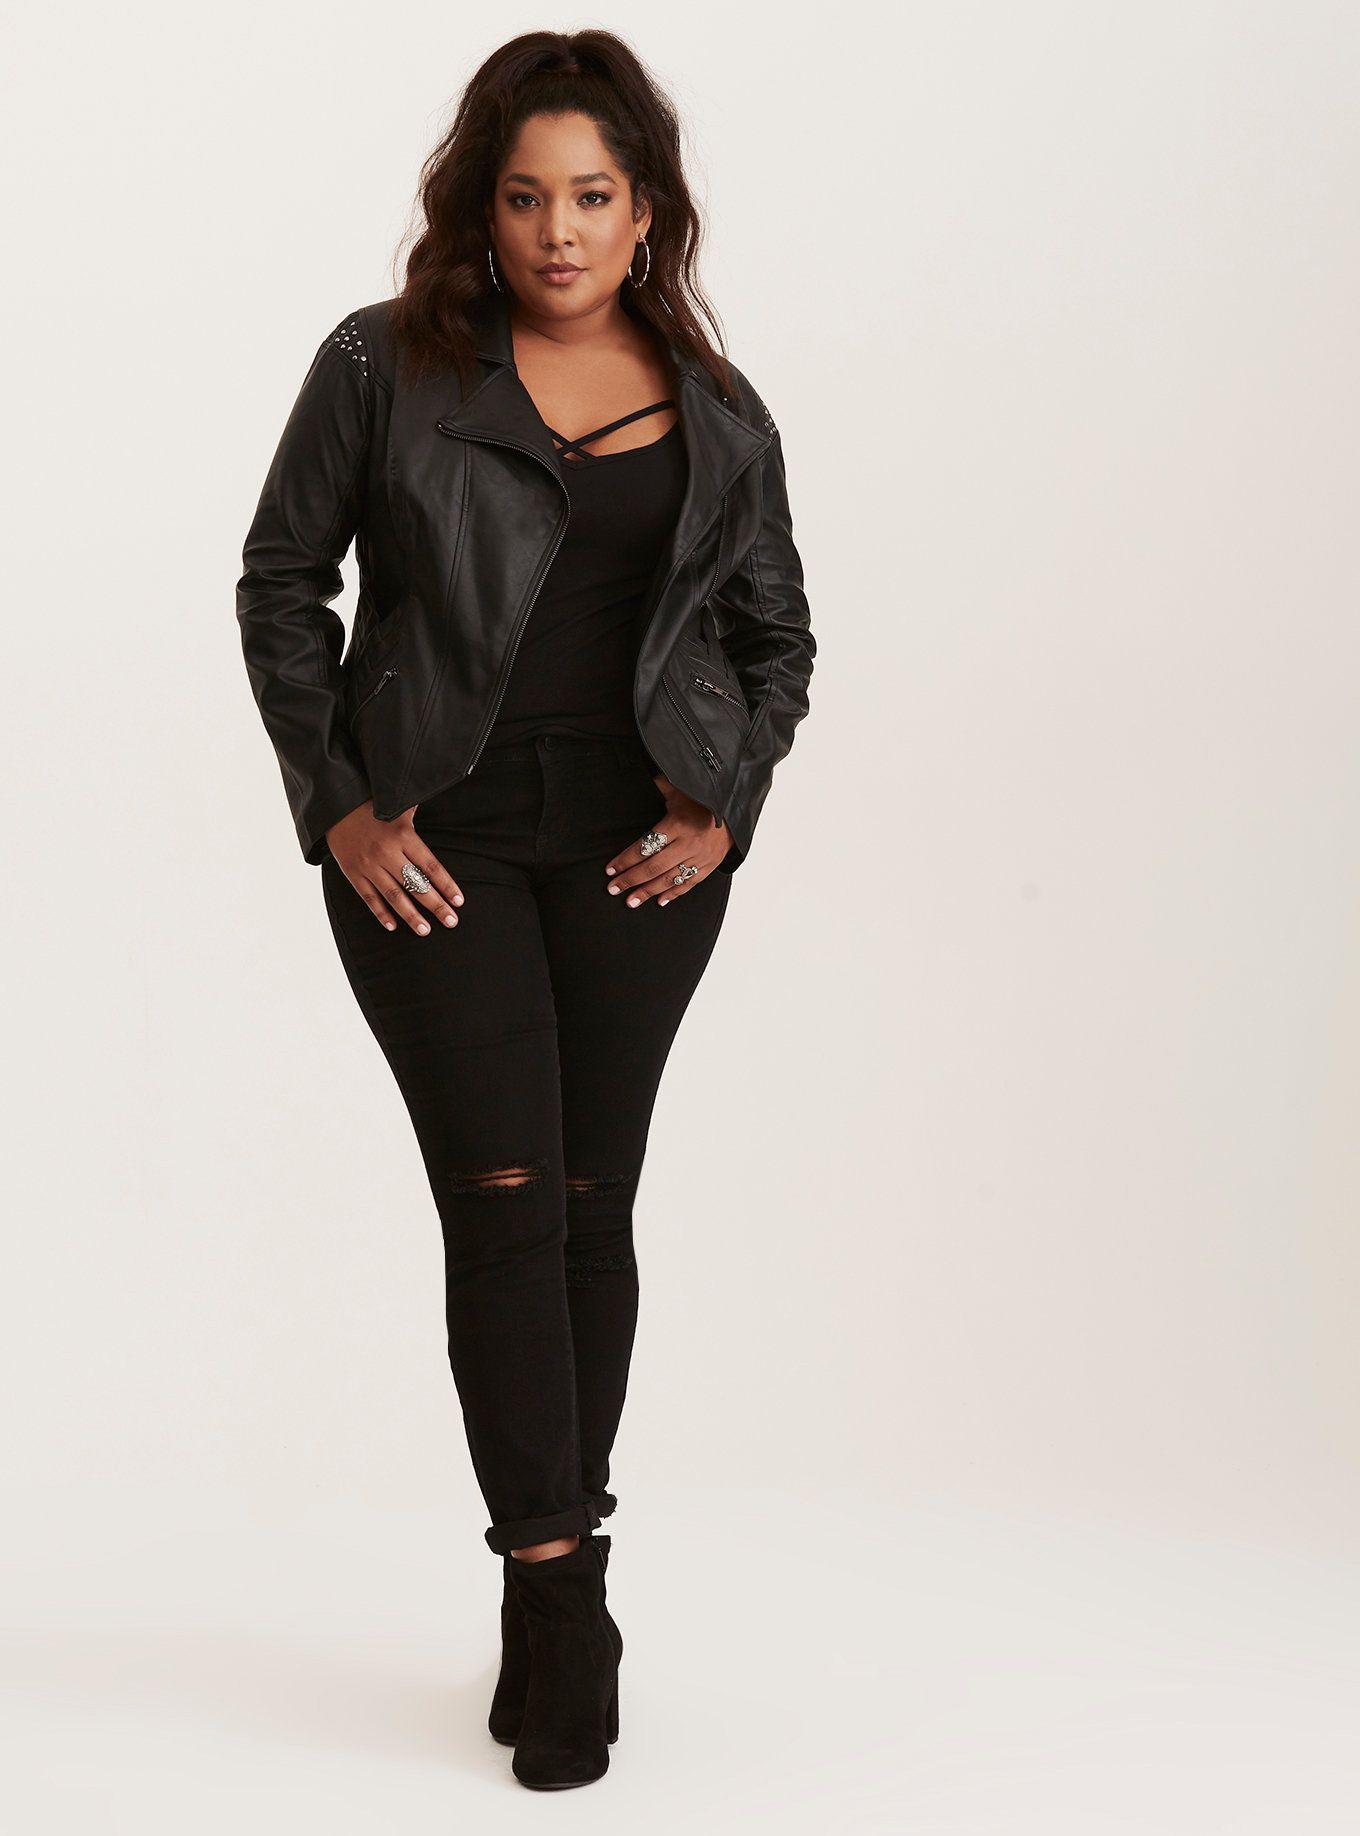 Her Universe Marvel Loki Studded Faux Leather Moto Jacket In 2021 Plus Size Leather Jacket Black Leather Jacket Outfit Plus Size Fall Outfit [ 1836 x 1360 Pixel ]